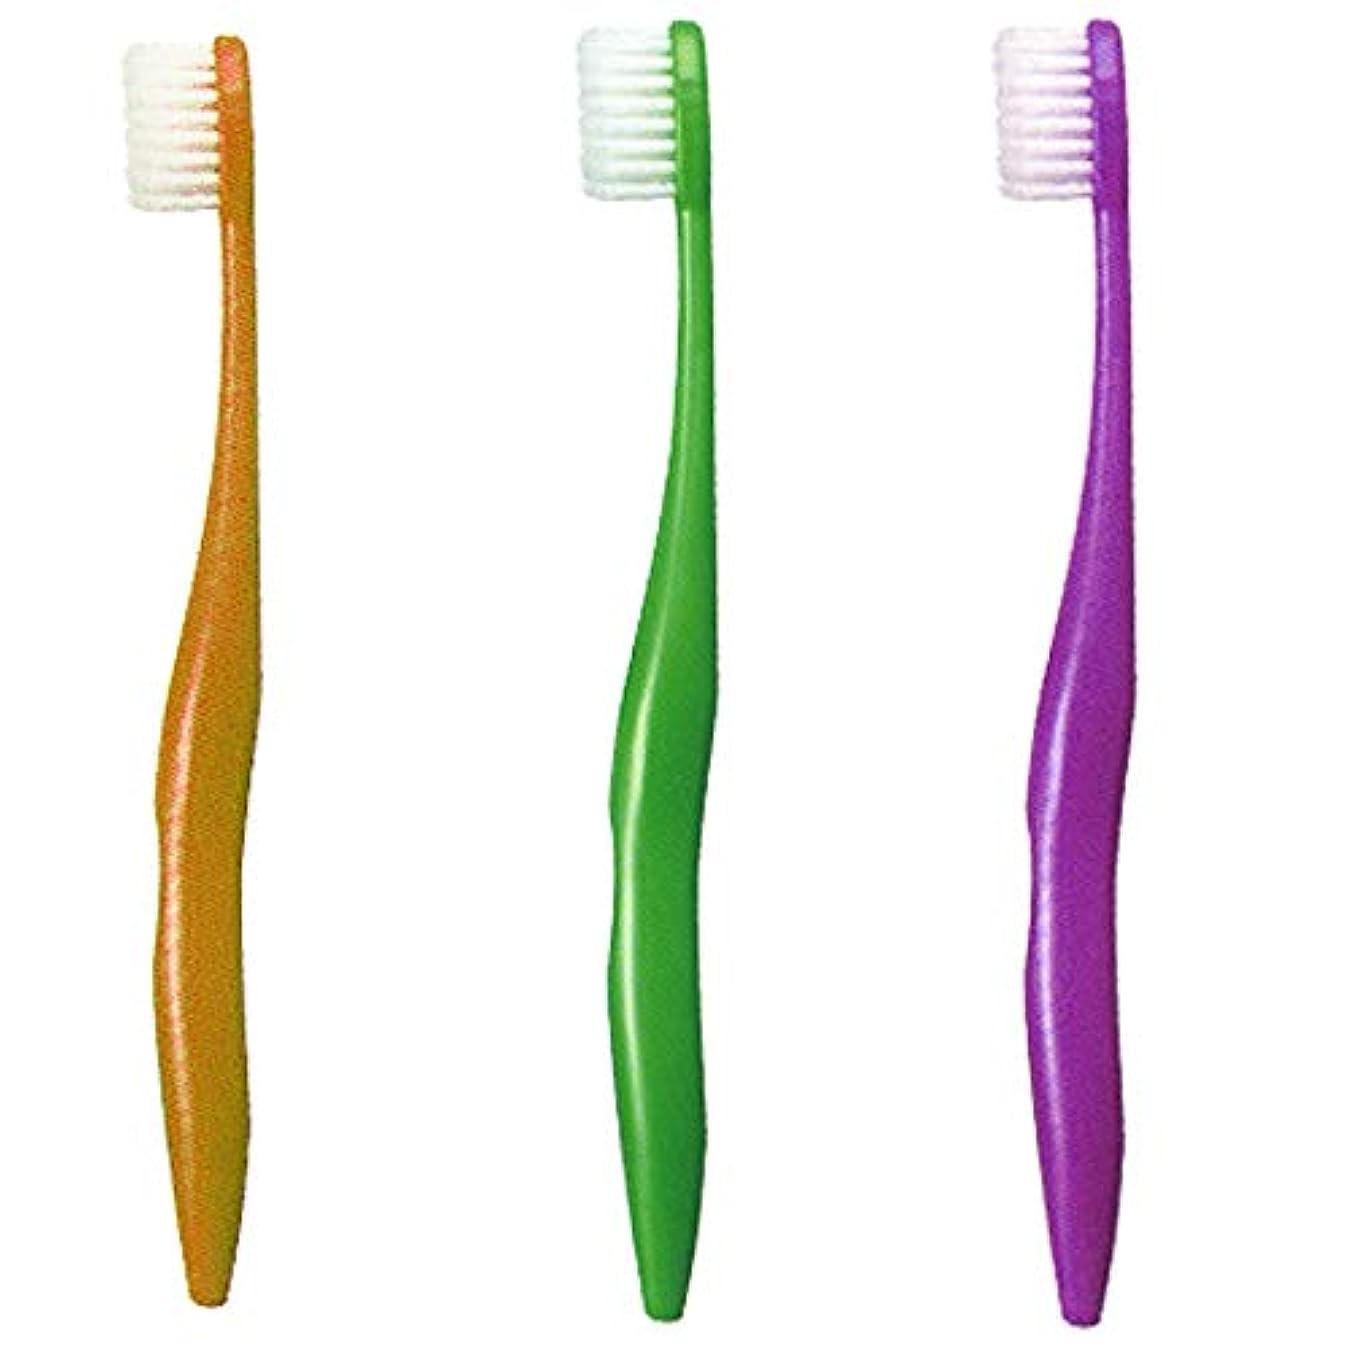 支払い召喚する減少日本製 歯ブラシ ライカブル ミニ 5本【ライカブル】